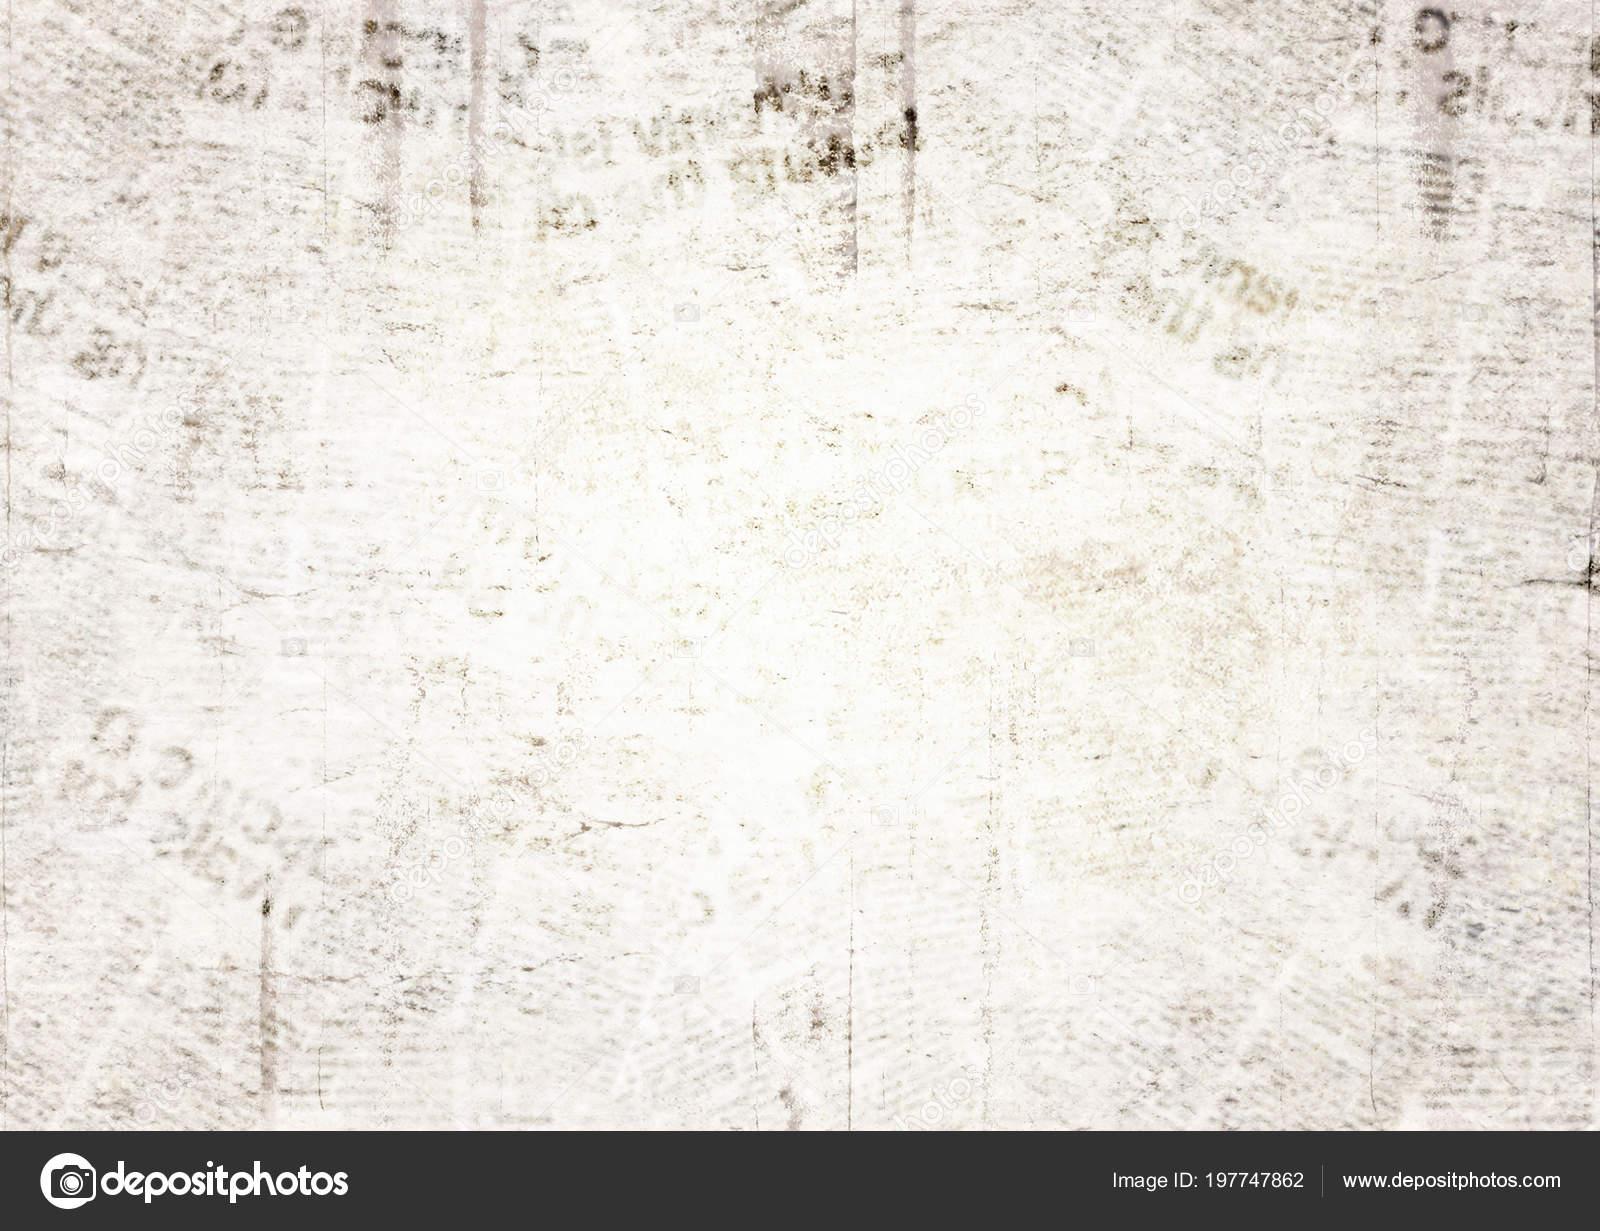 fond texture papier journal grunge vintage arri re plan flou journaux image vectorielle olgaze. Black Bedroom Furniture Sets. Home Design Ideas